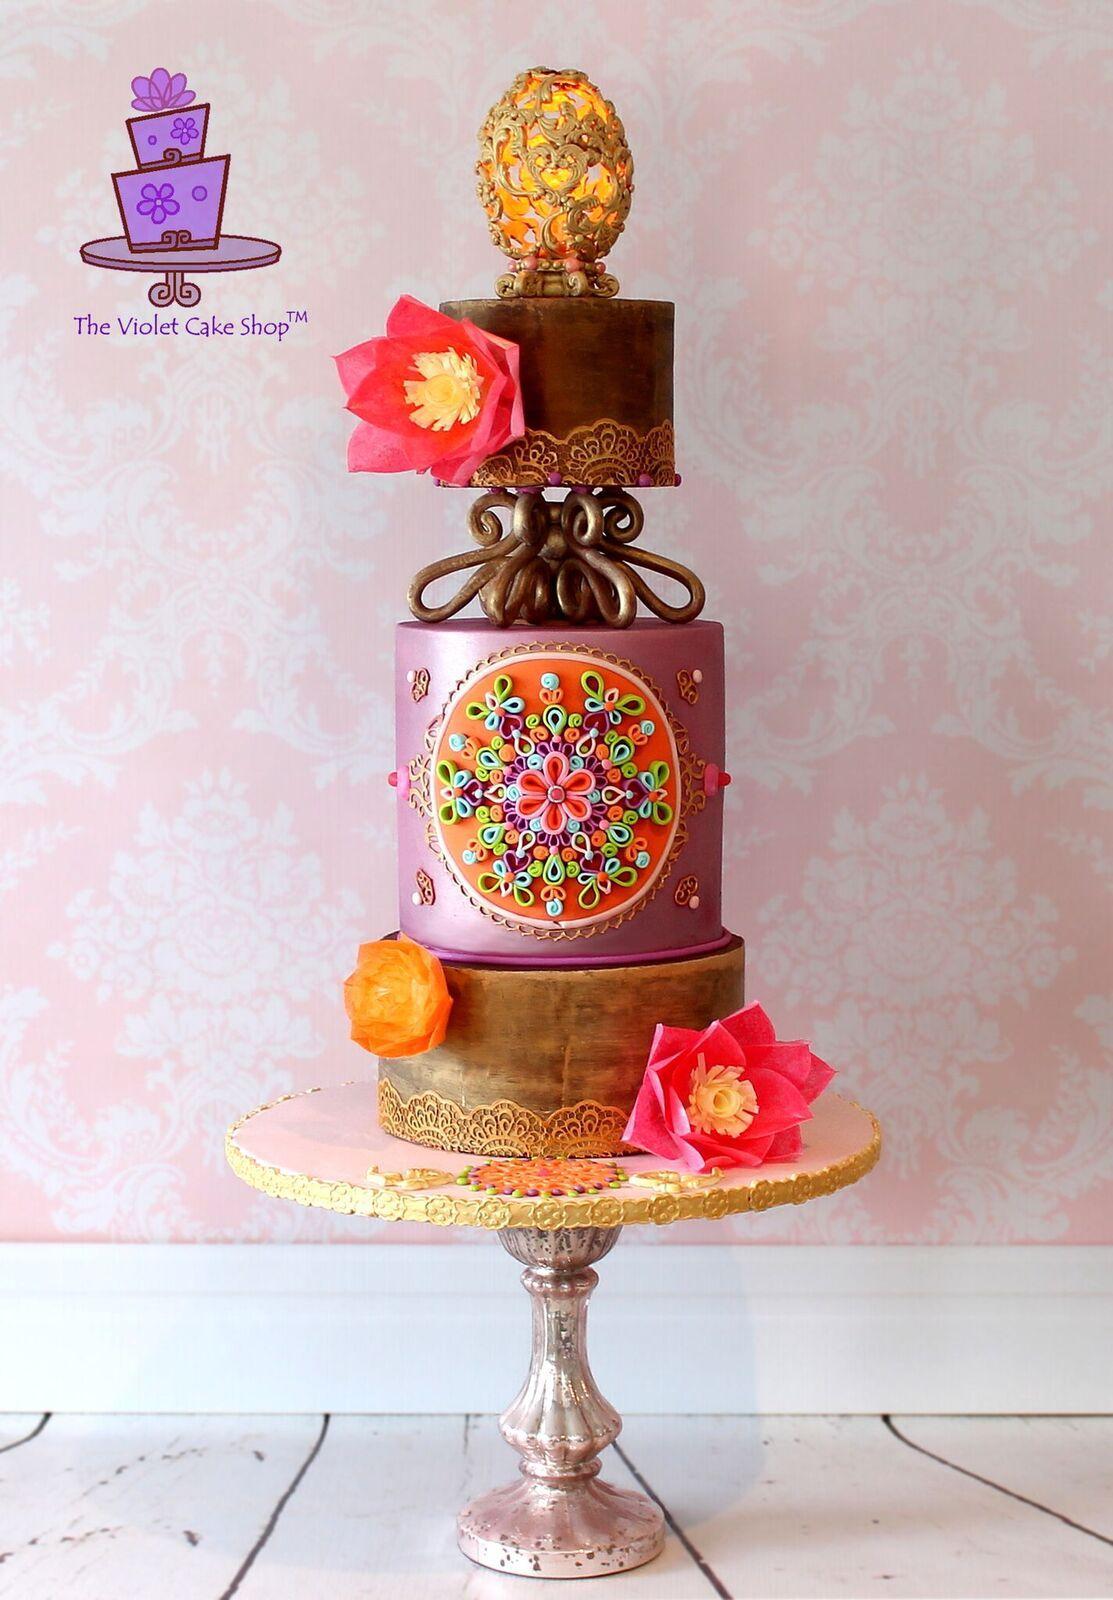 Golden Egg baroque styled cake